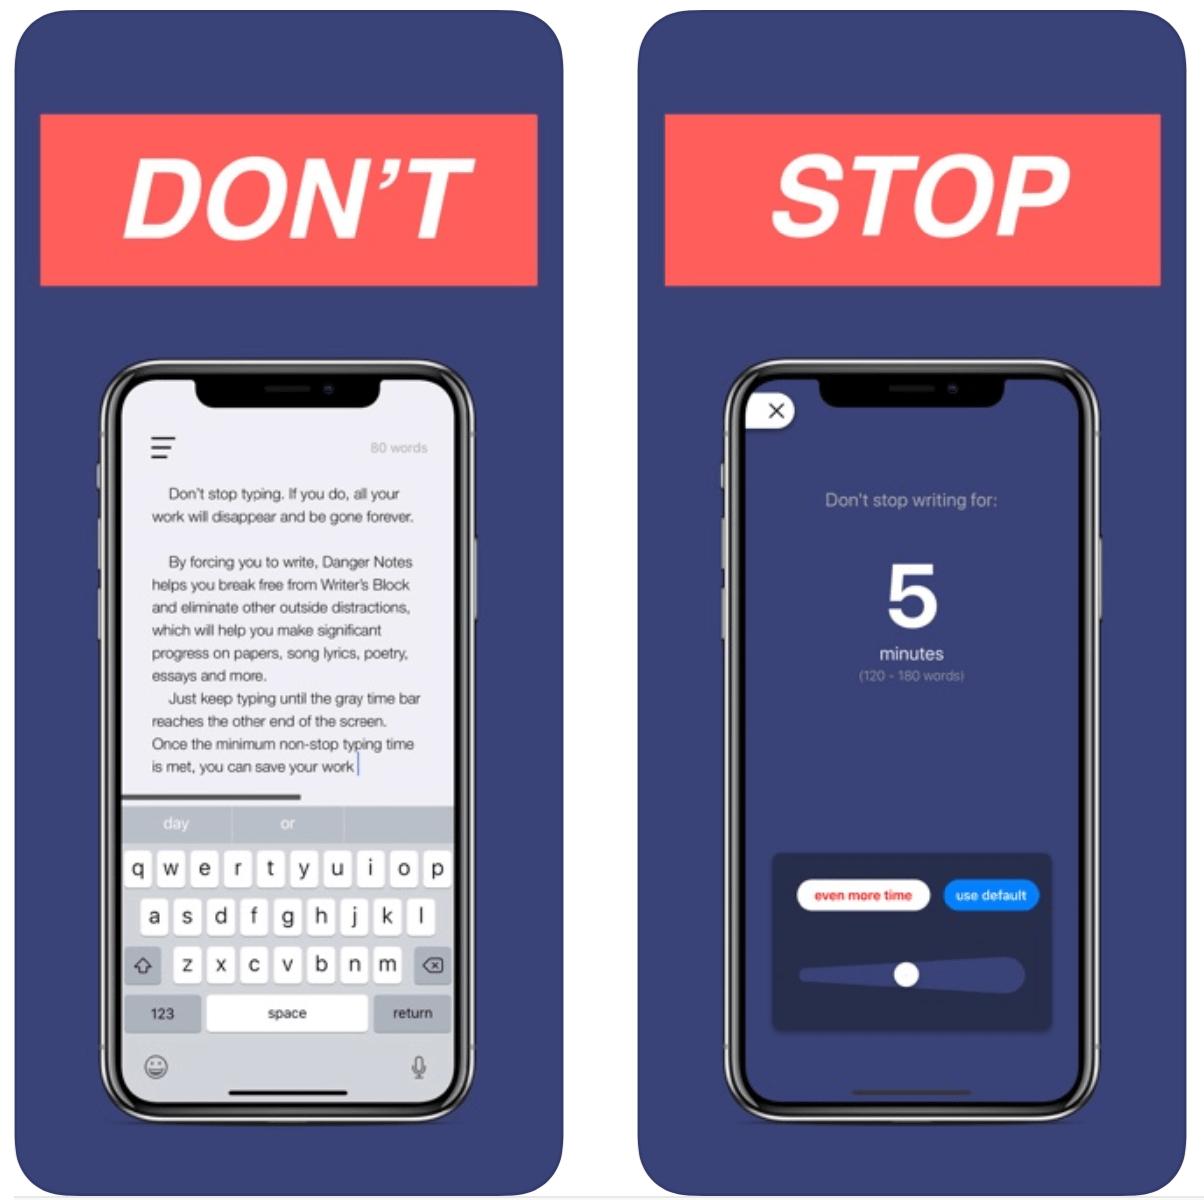 اكتب Loop و Emoji Key و Danger Notes وتطبيقات أخرى للتحقق من عطلة نهاية الأسبوع هذه 3